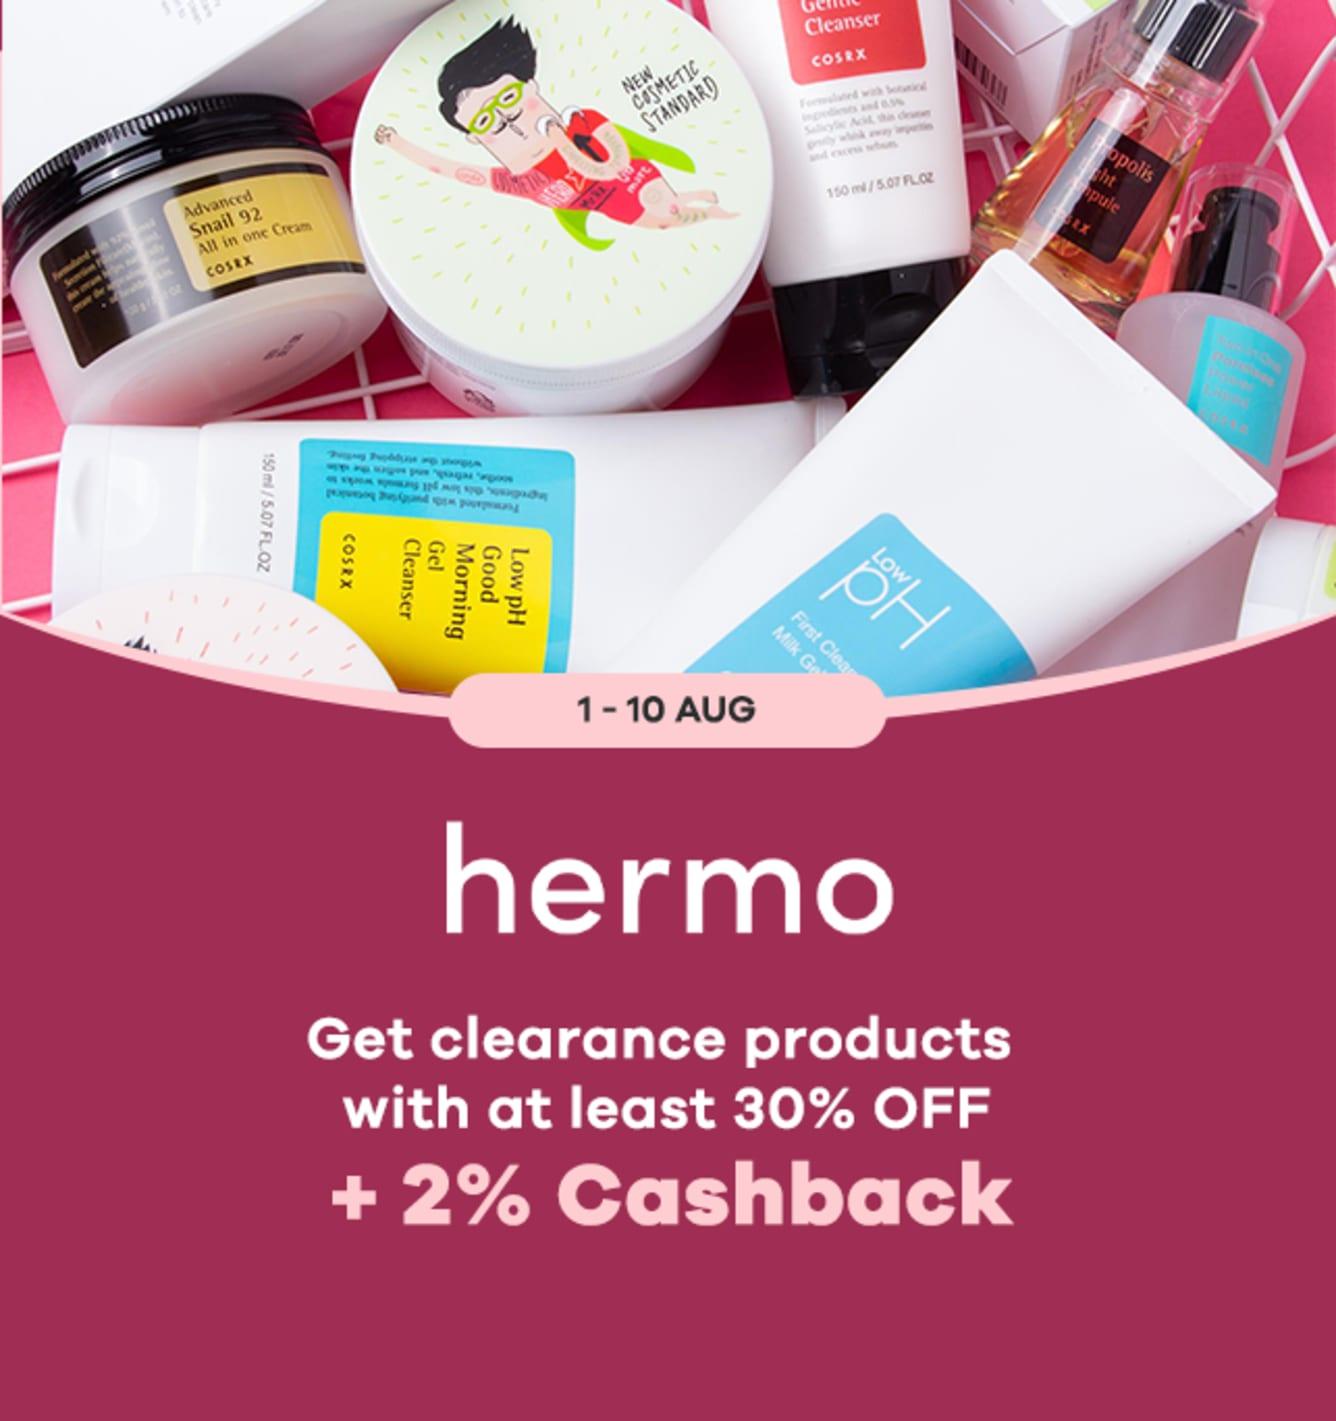 Hermo 2% Cashback